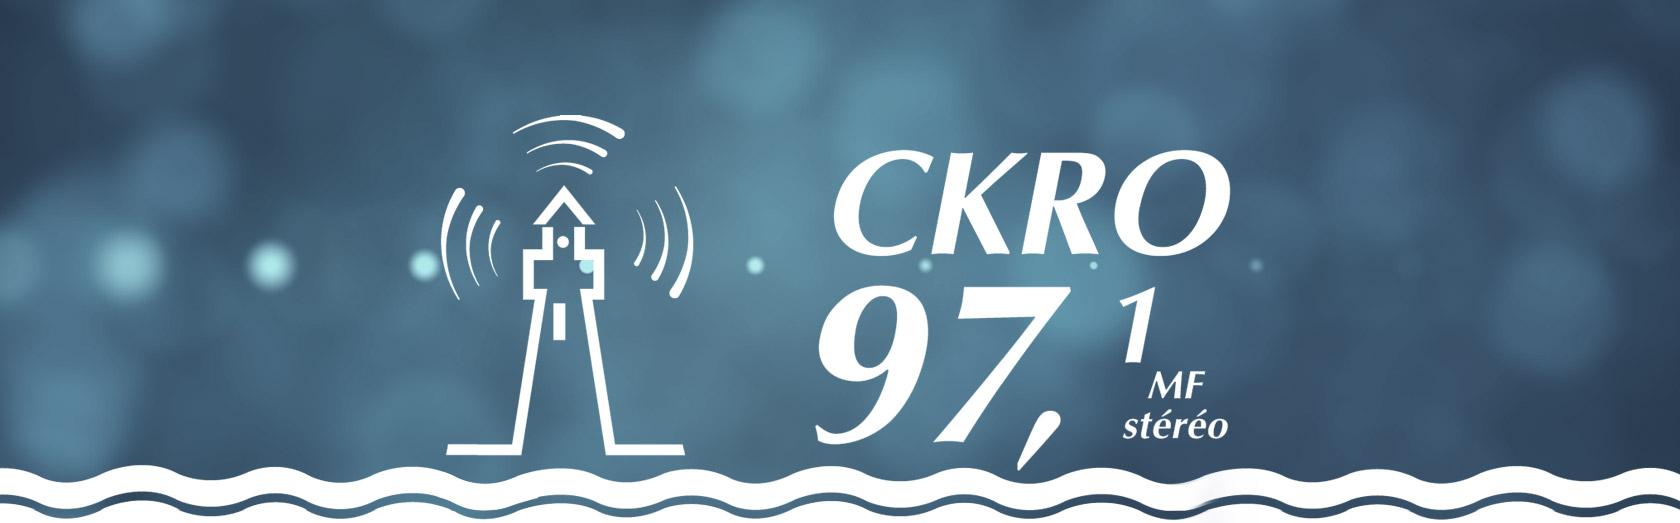 Le logo de CKRO FM 97,1 - La radio au coeur de la péninsule